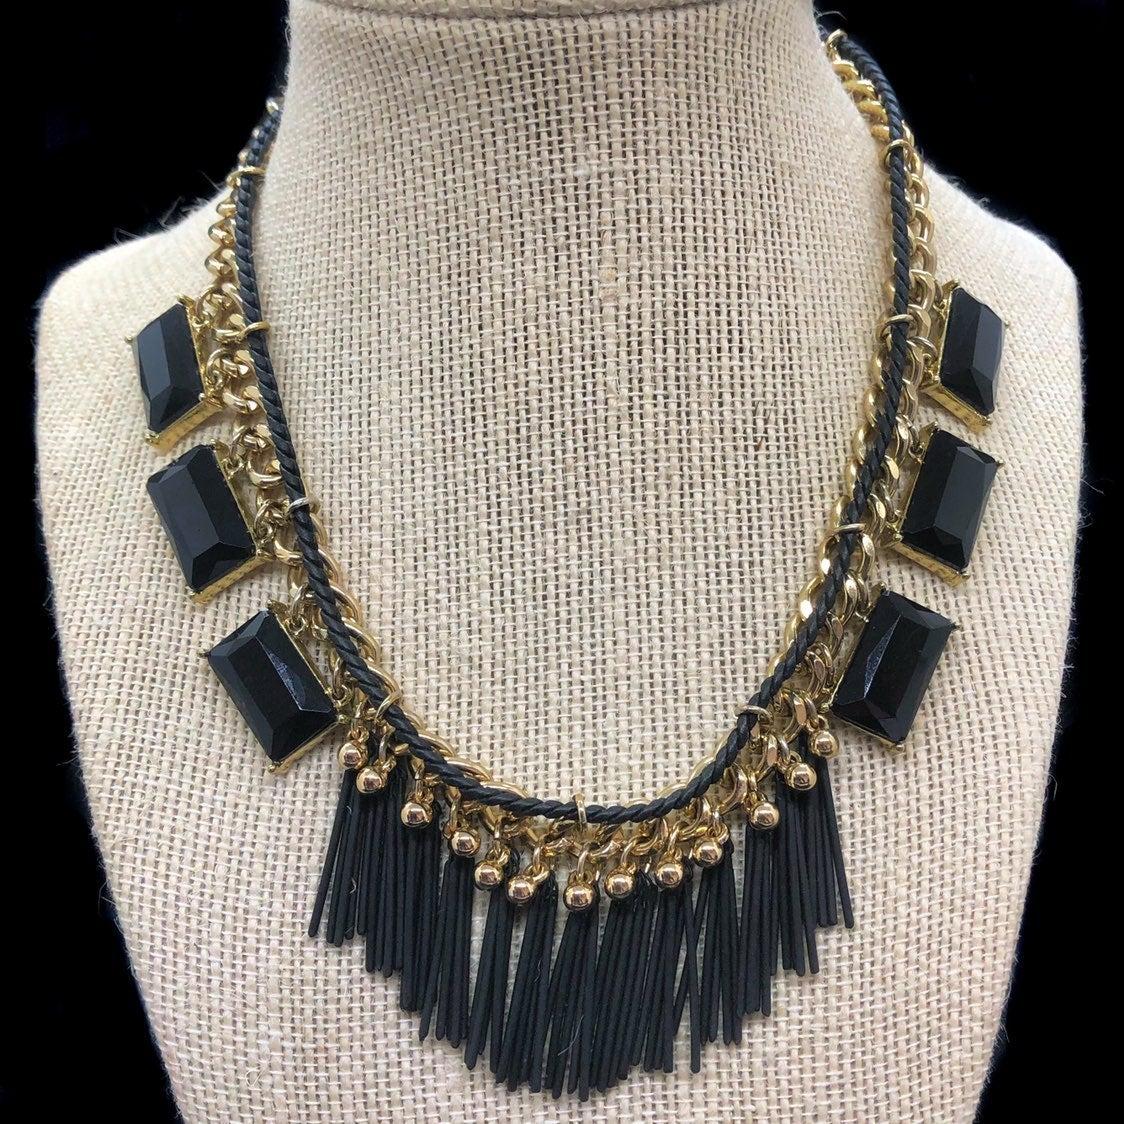 Kensie Black Fringes Statement Necklace